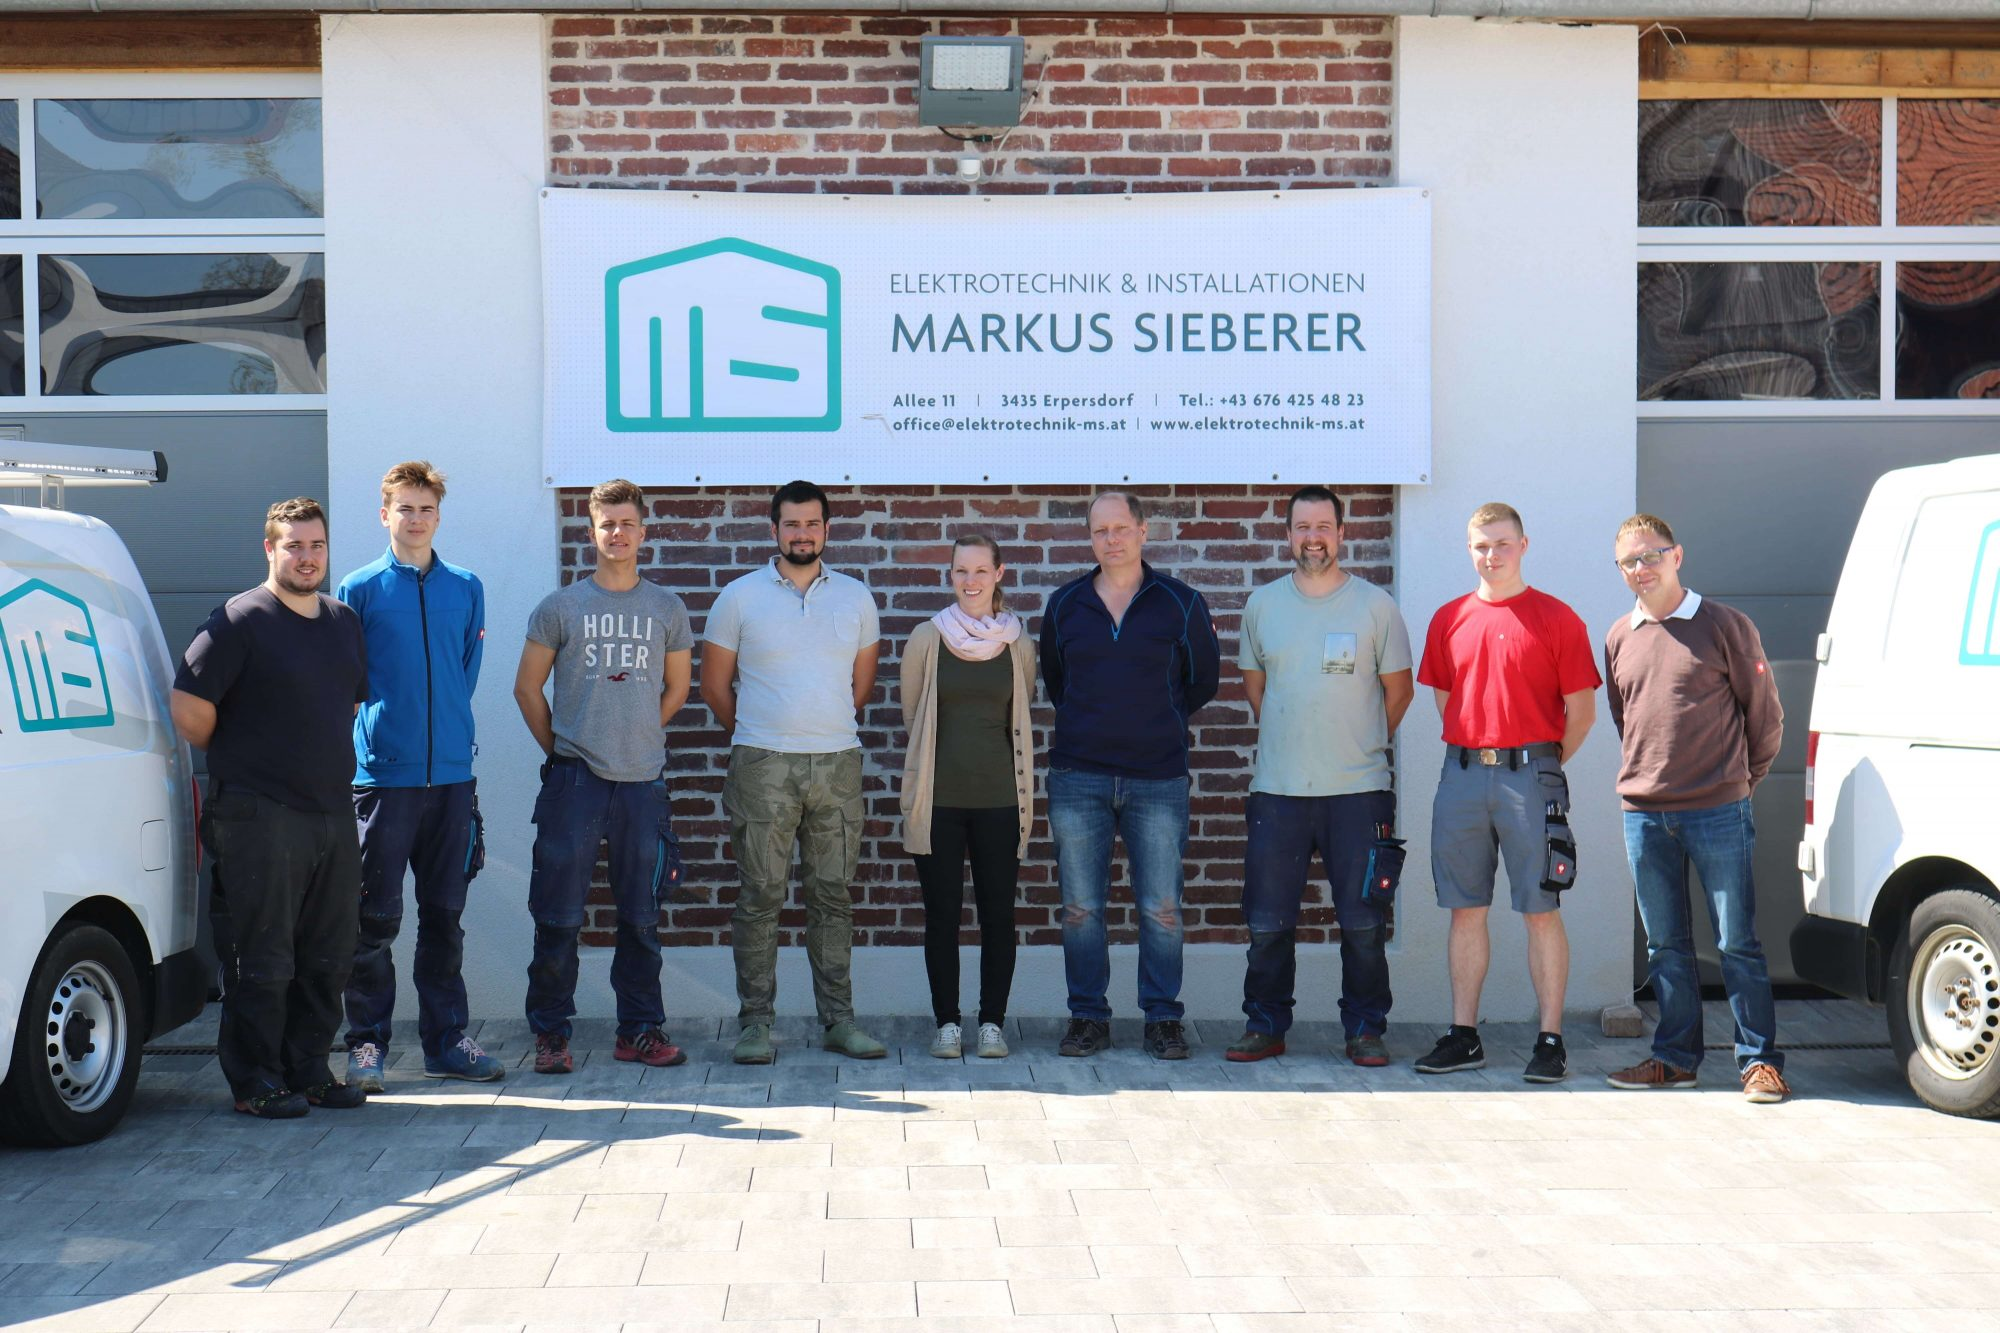 Team Haustechnik Markus Sieberer